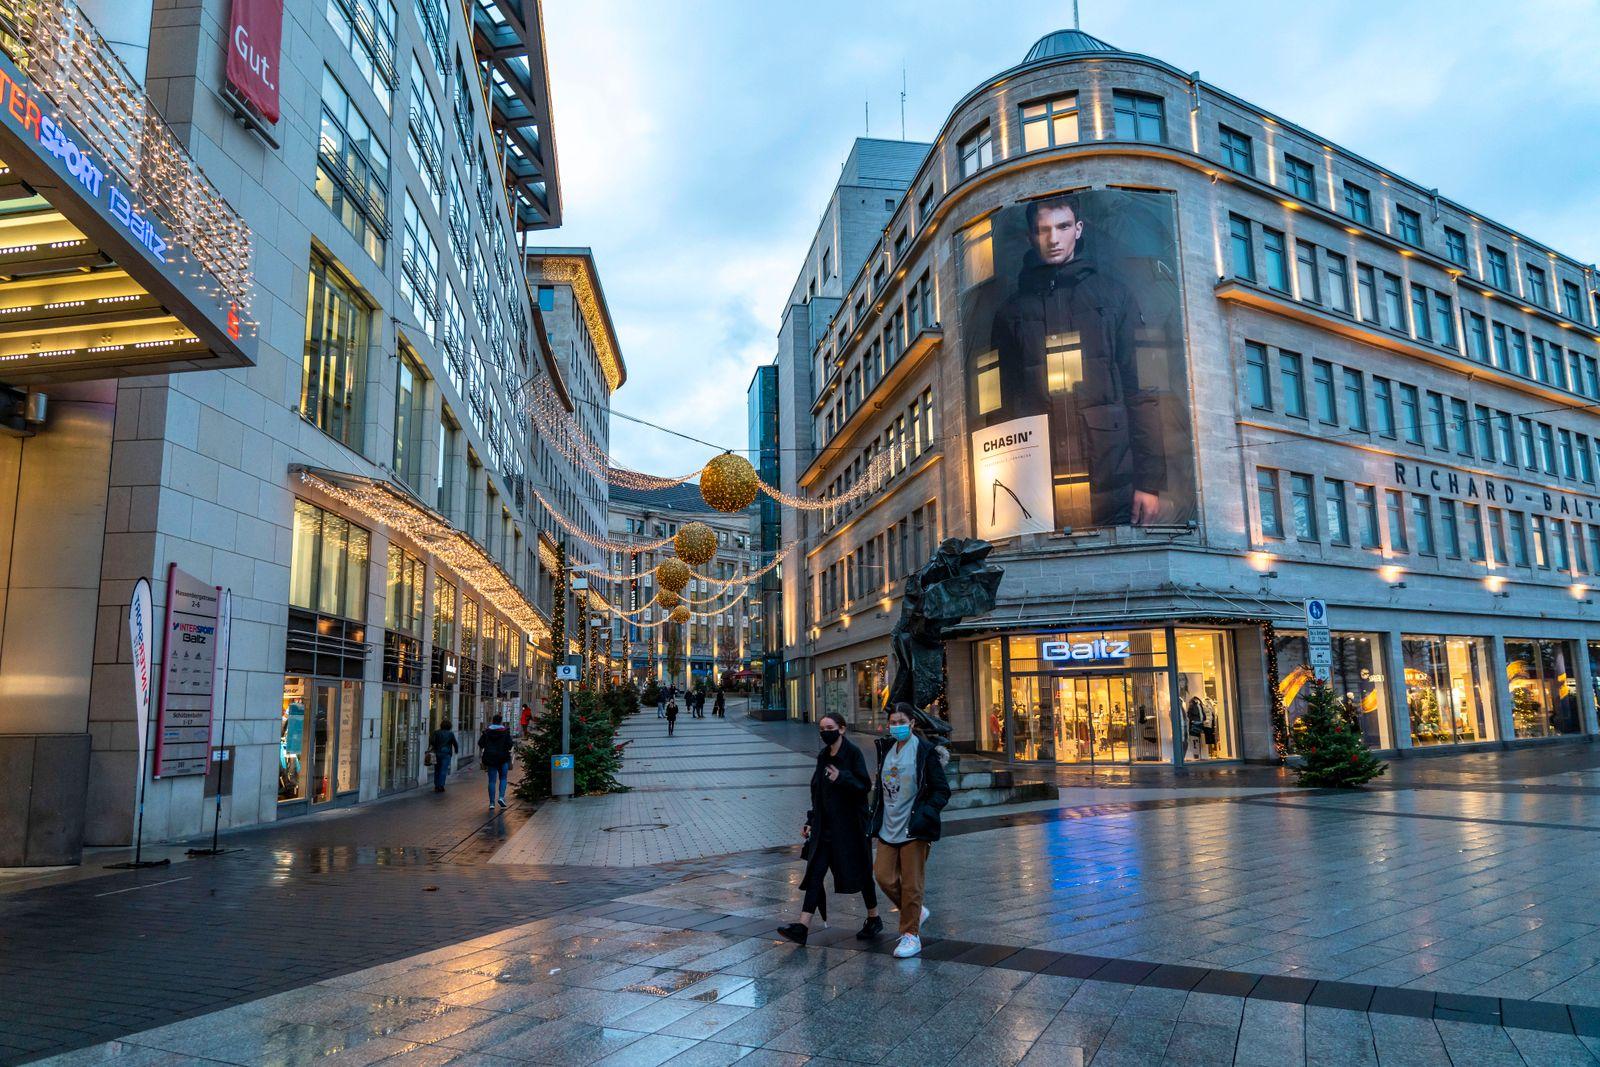 Die Innenstadt von Bochum, am Tag der Eröffnung der Weihnachts Lichtdekoration, normalerweise auch des Weihnachtsmarks,